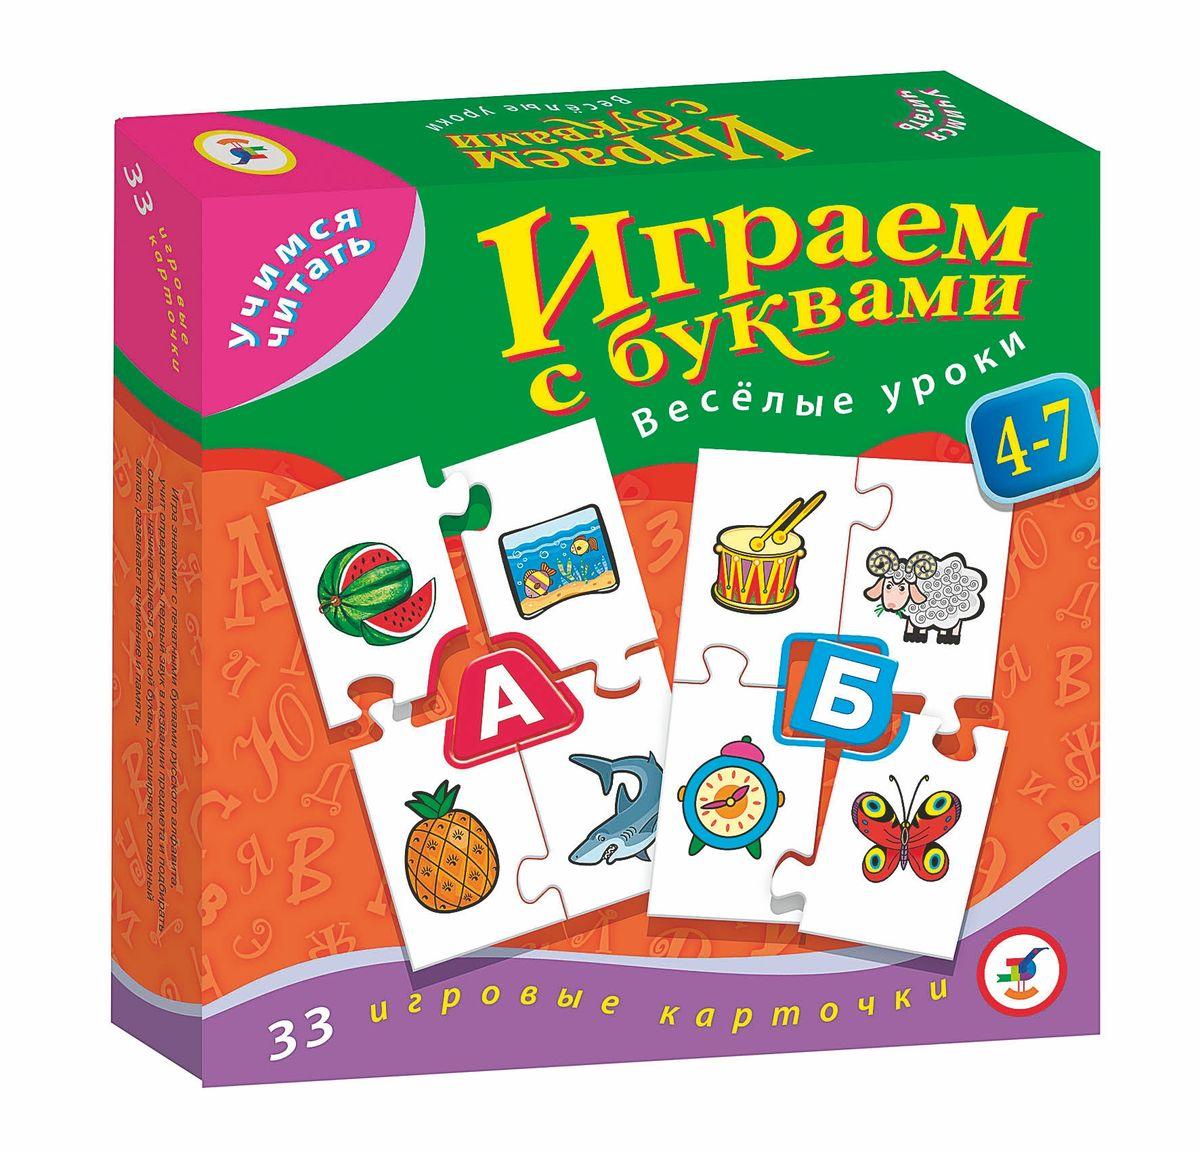 Дрофа-Медиа Обучающая игра Играем с буквами1081Настольная мини-игра Алфавит познакомит вашего ребенка с буквами русского алфавита, учит подбирать слова, начинающиеся на одну букву, обогащает словарный запас и активизирует речь. Игровые карточки выполнены из плотного картона, а значит, прослужат не один год. С этой игрой обучение превратится в весёлое развлечение. В набор входят 33 карточки с яркими картинками и правила игры на русском языке. Настольная игра развивает внимание, мелкую моторику рук, воспитывает самостоятельность, логическое мышление и умение оценивать свои действия.